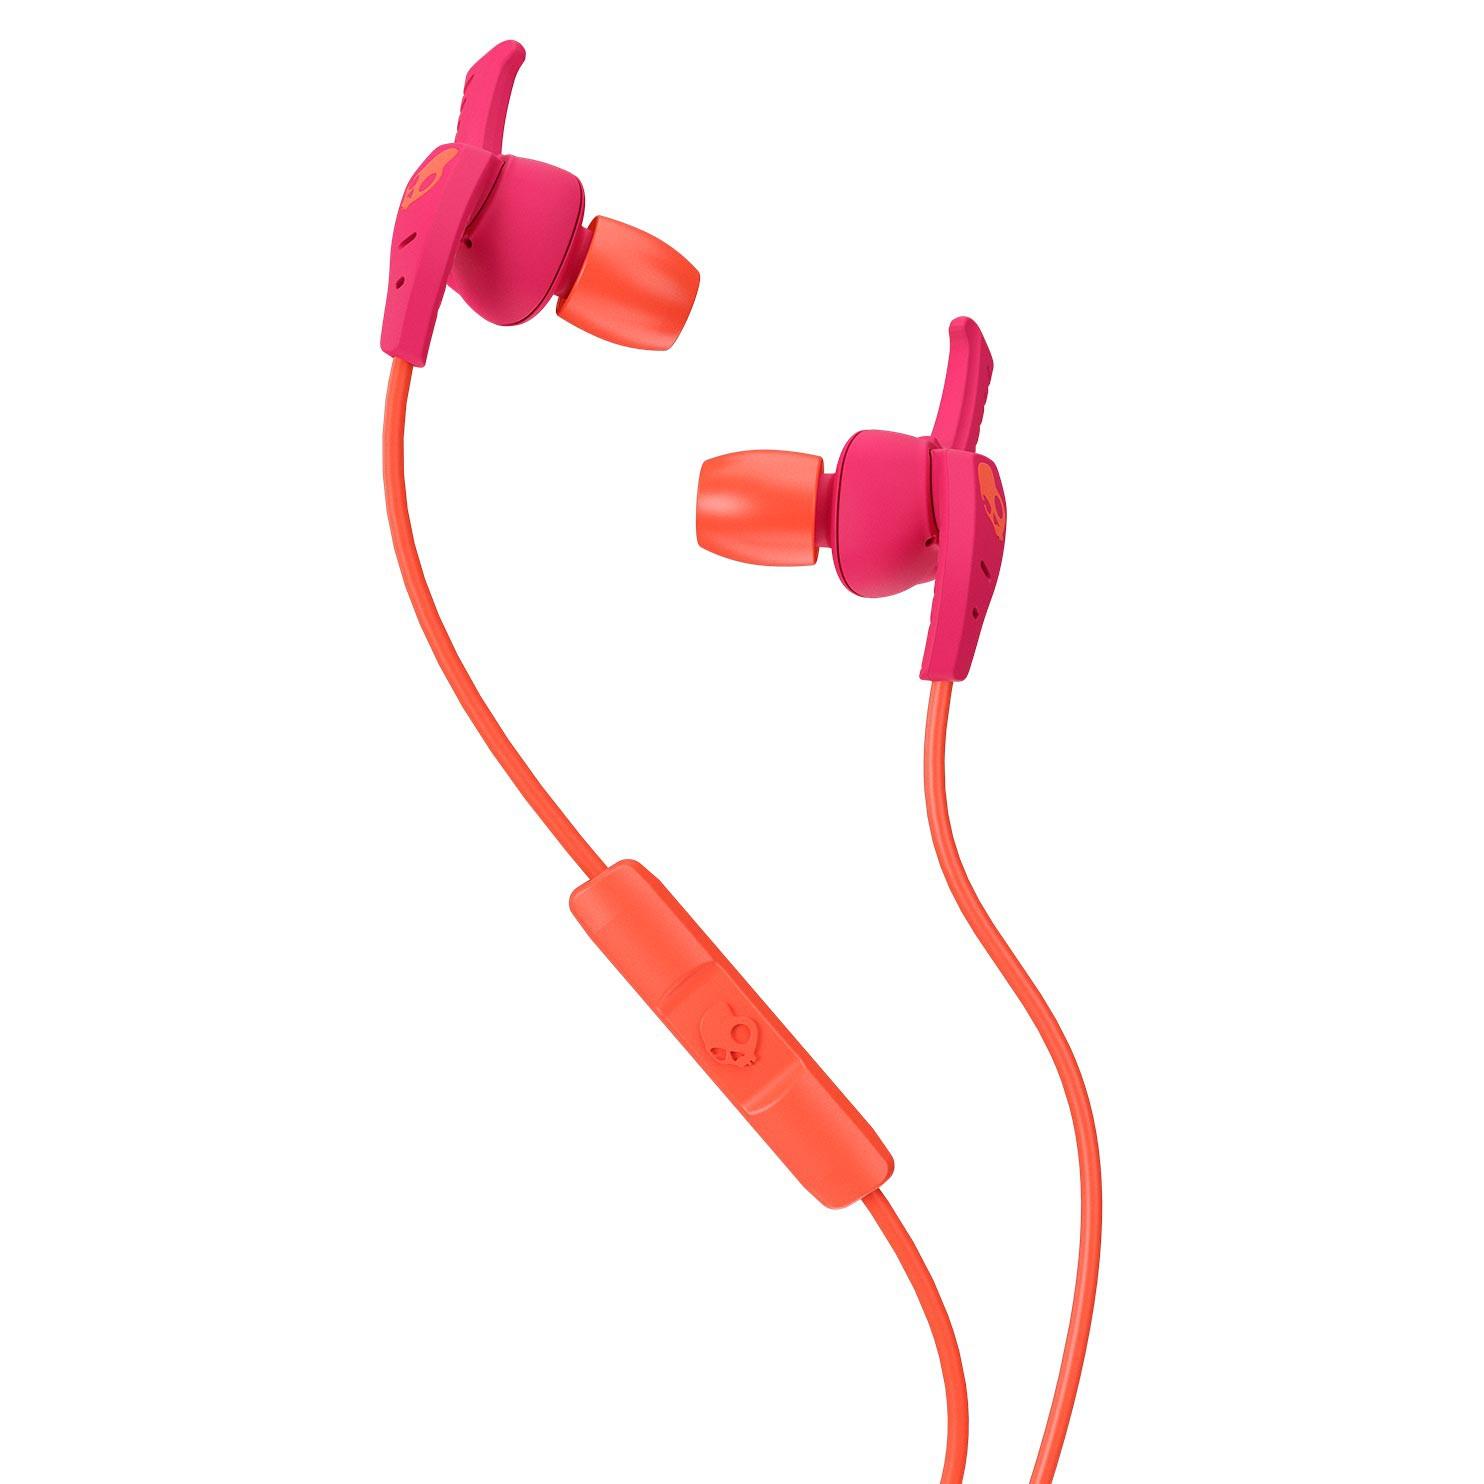 Sluchátka Skullcandy Xtplyo pink 16/17 + doručení do 24 hodin